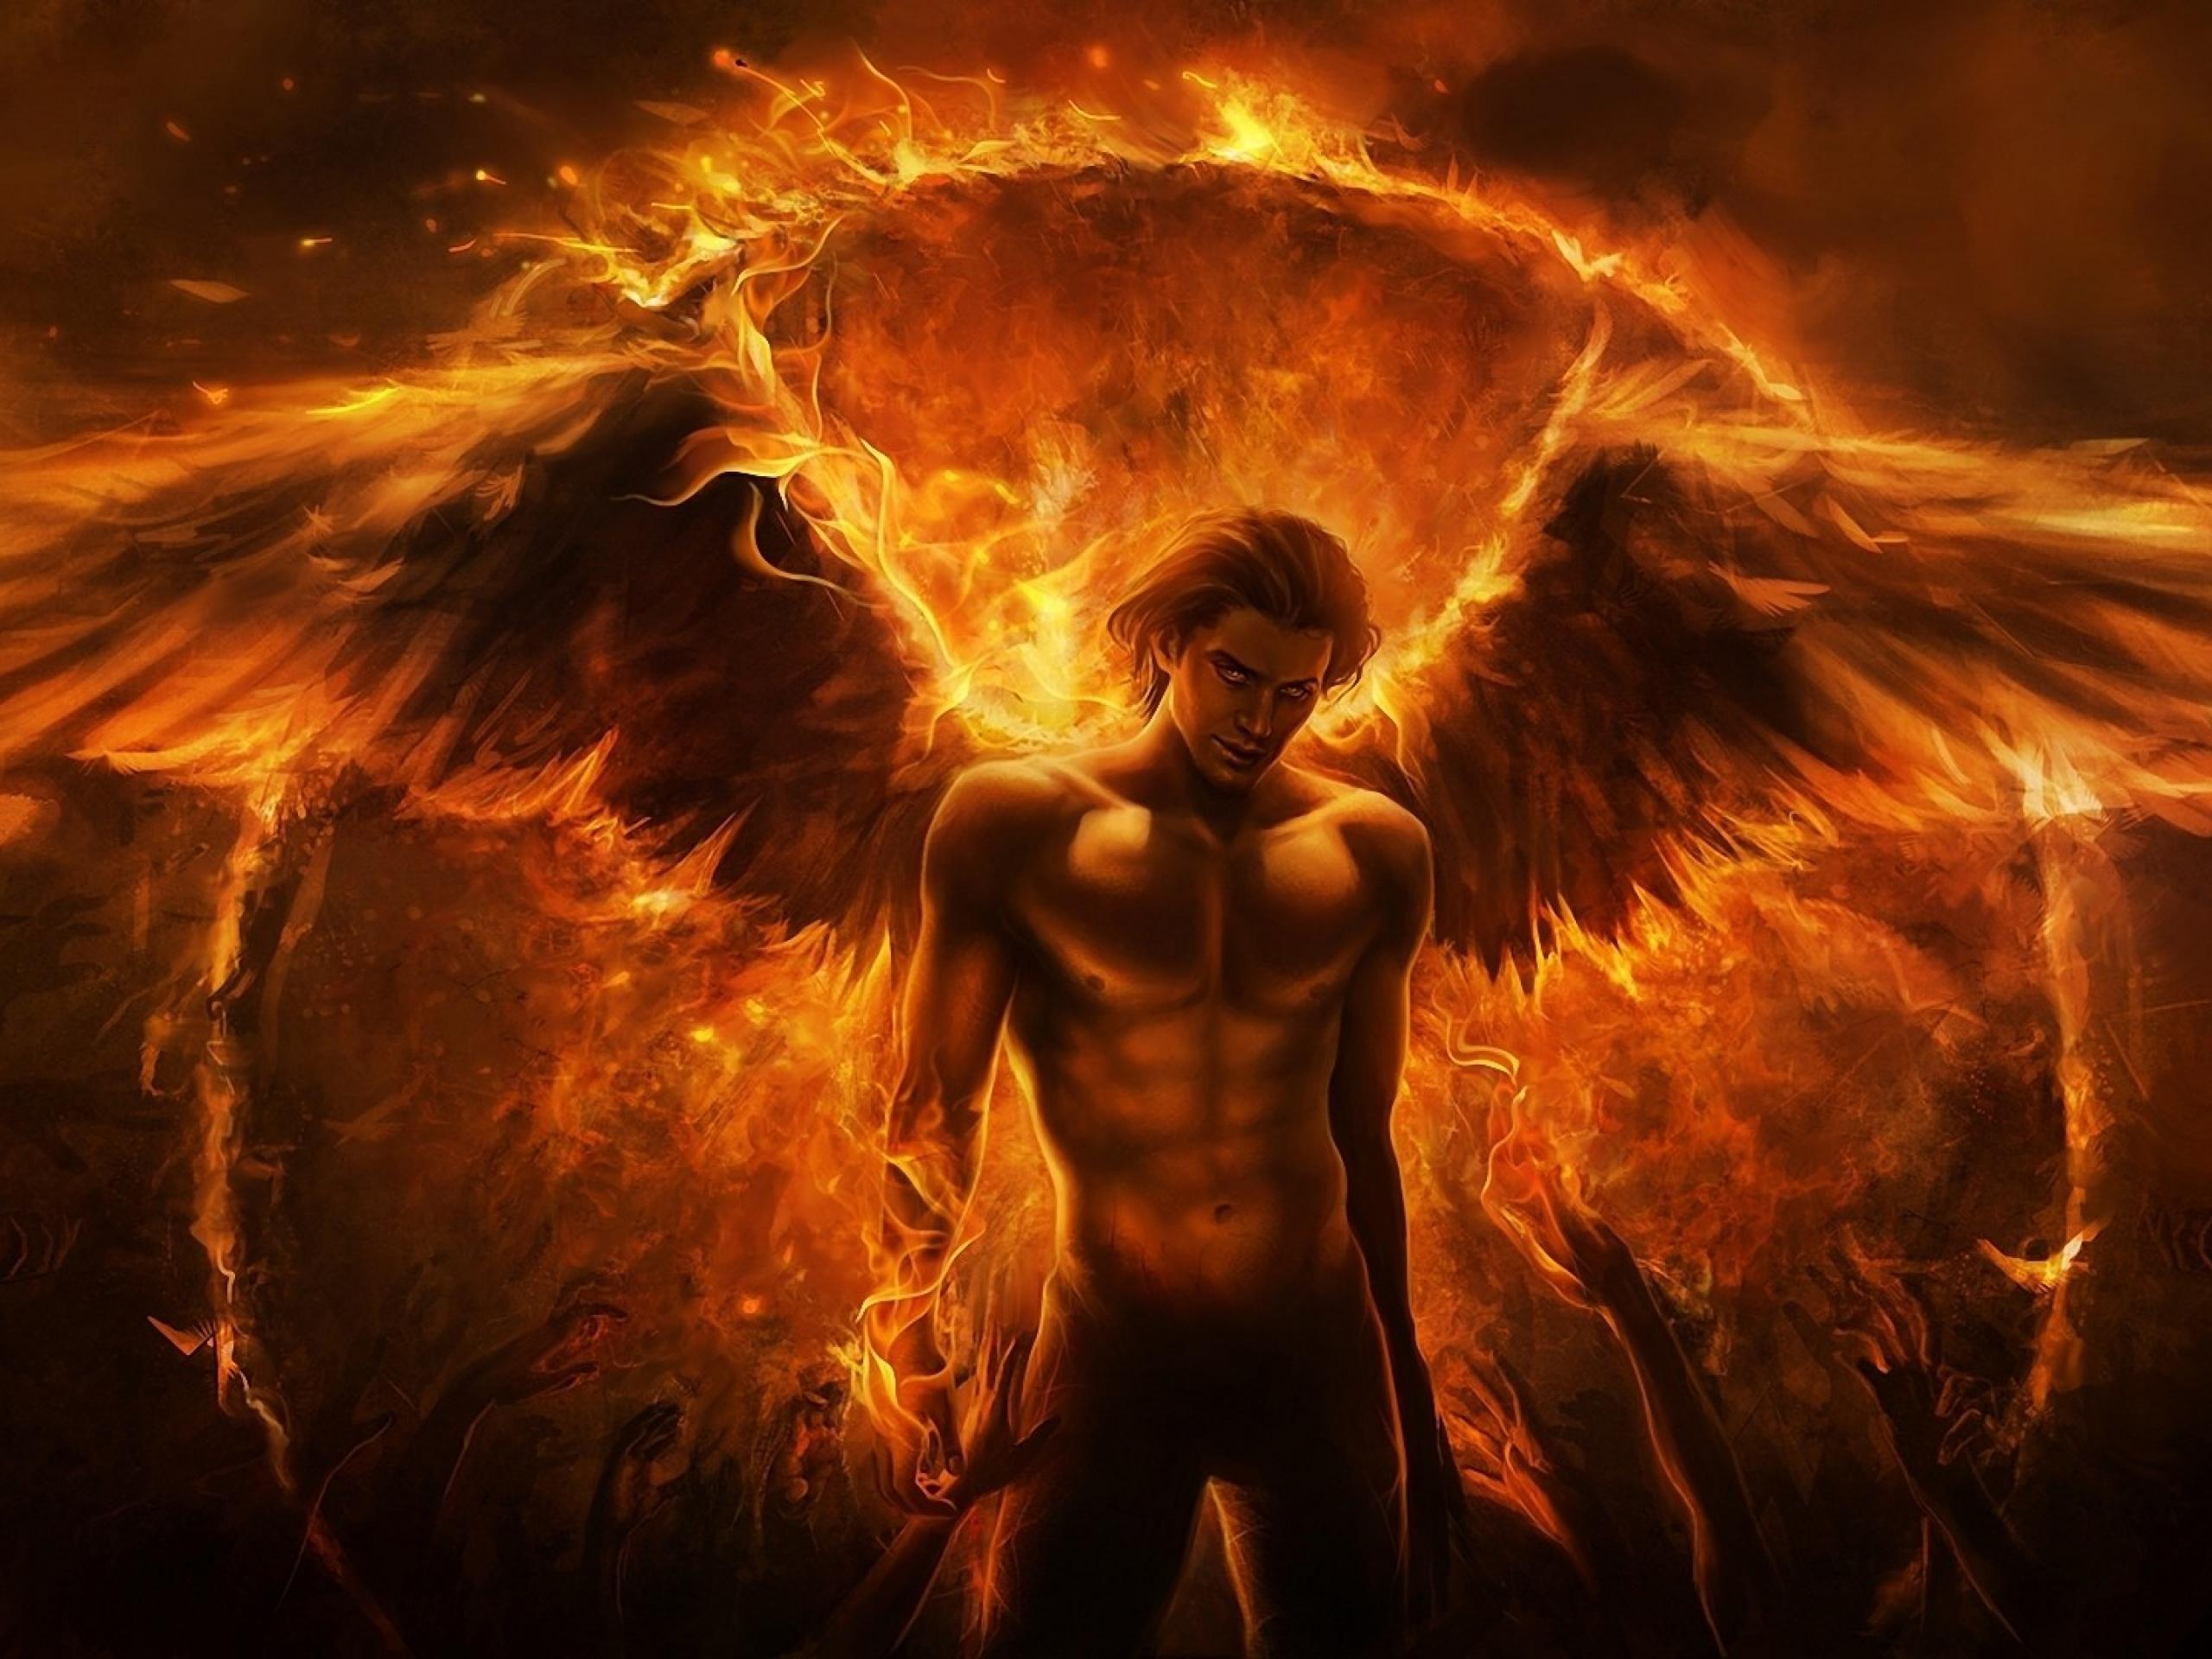 Pildiotsingu rising Divine masculine tulemus